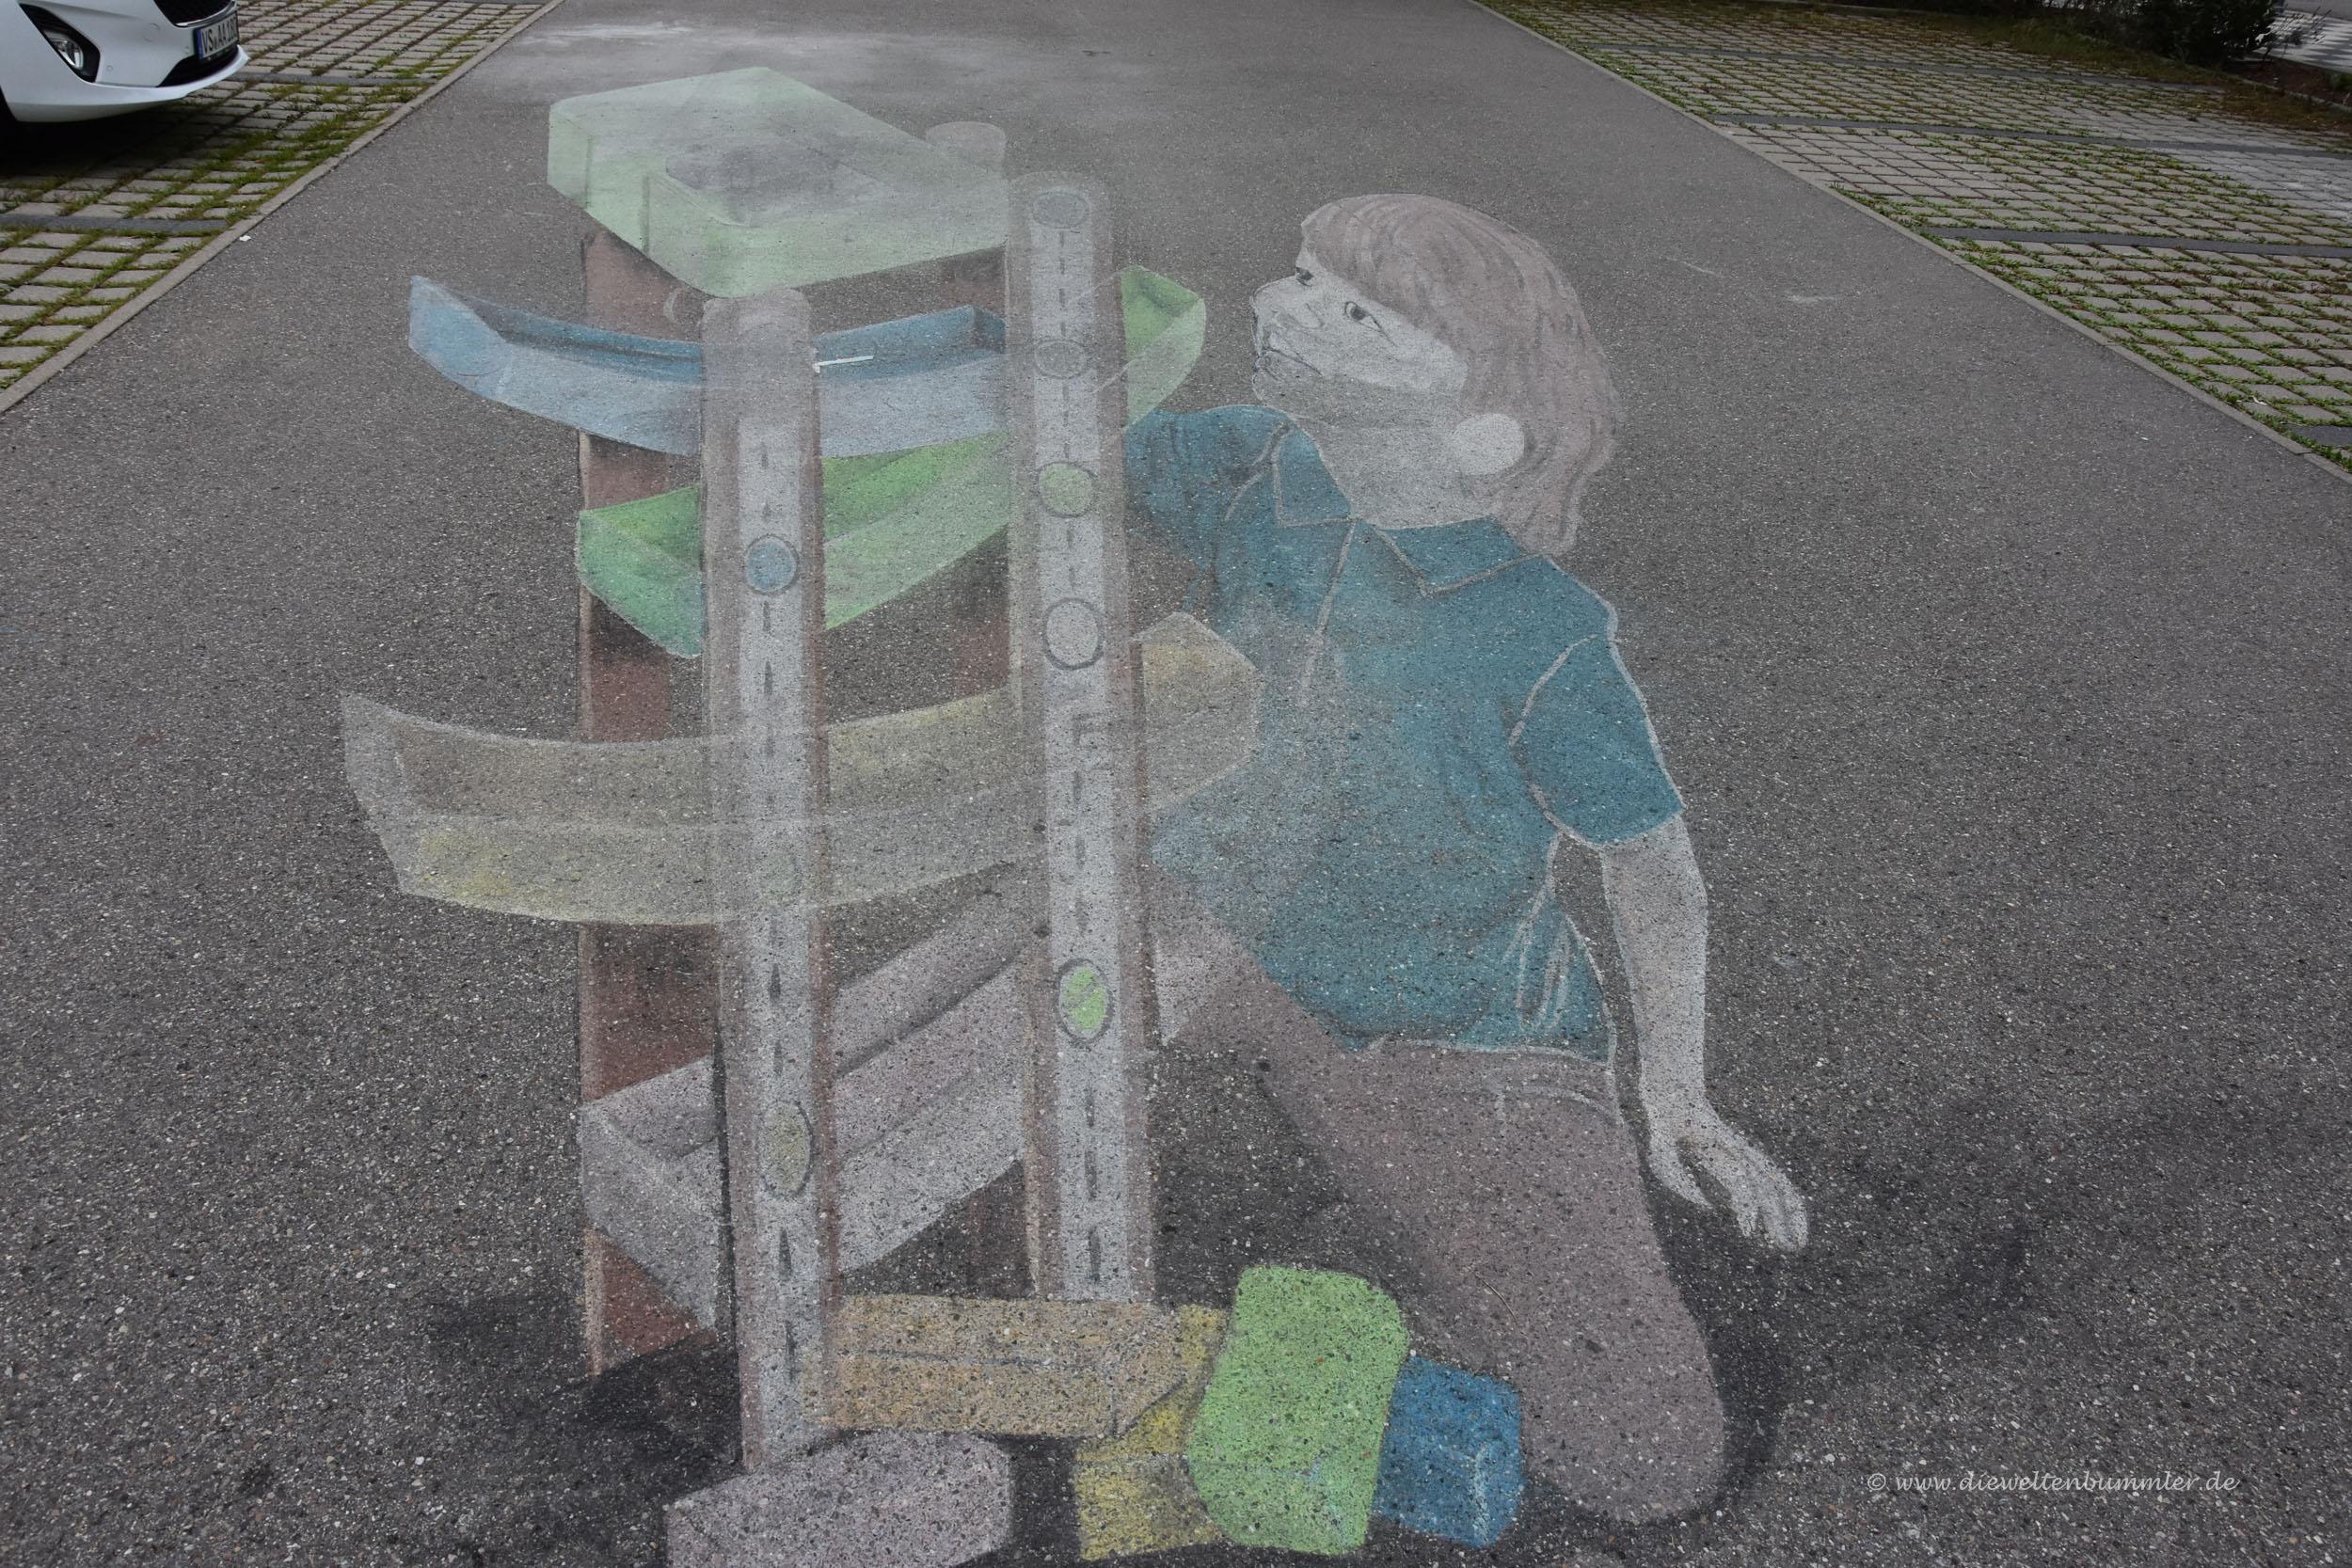 Diorama auf der Straße